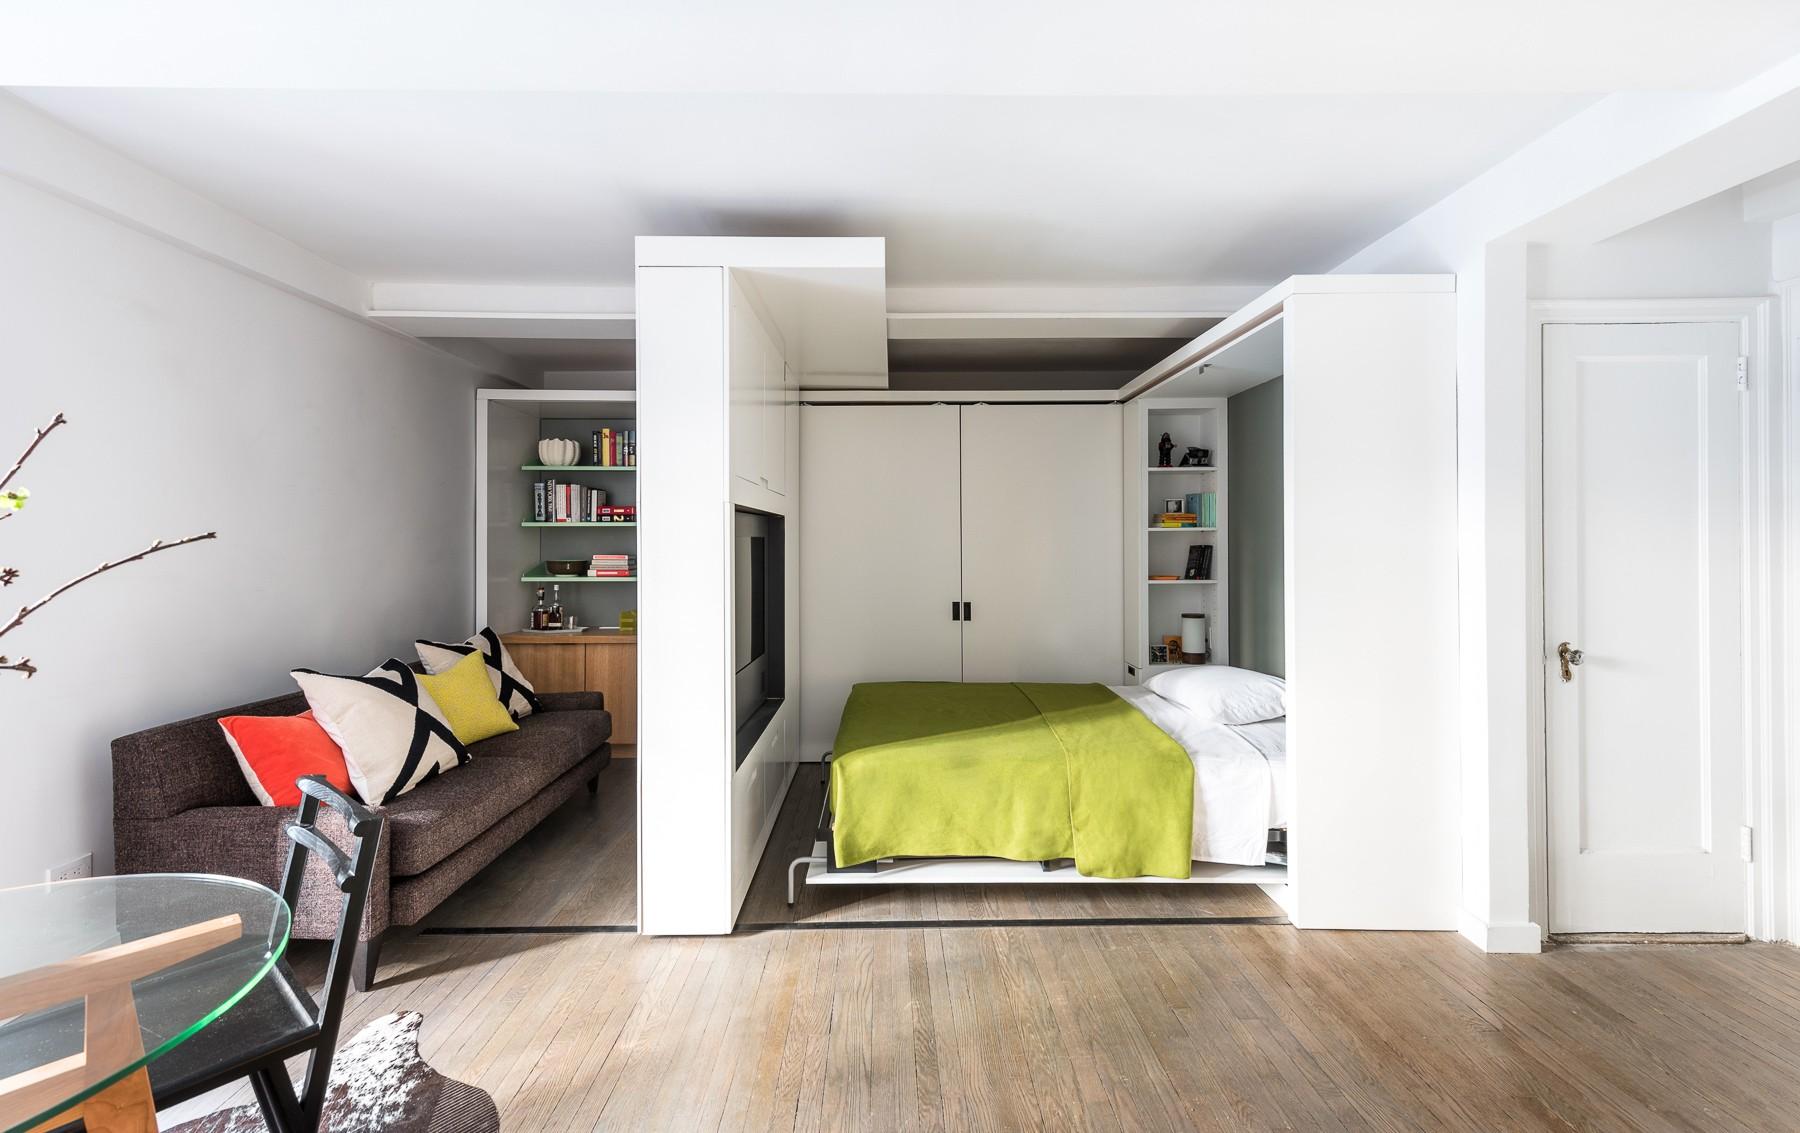 гостиная спальня площадью 20 кв м дизайн